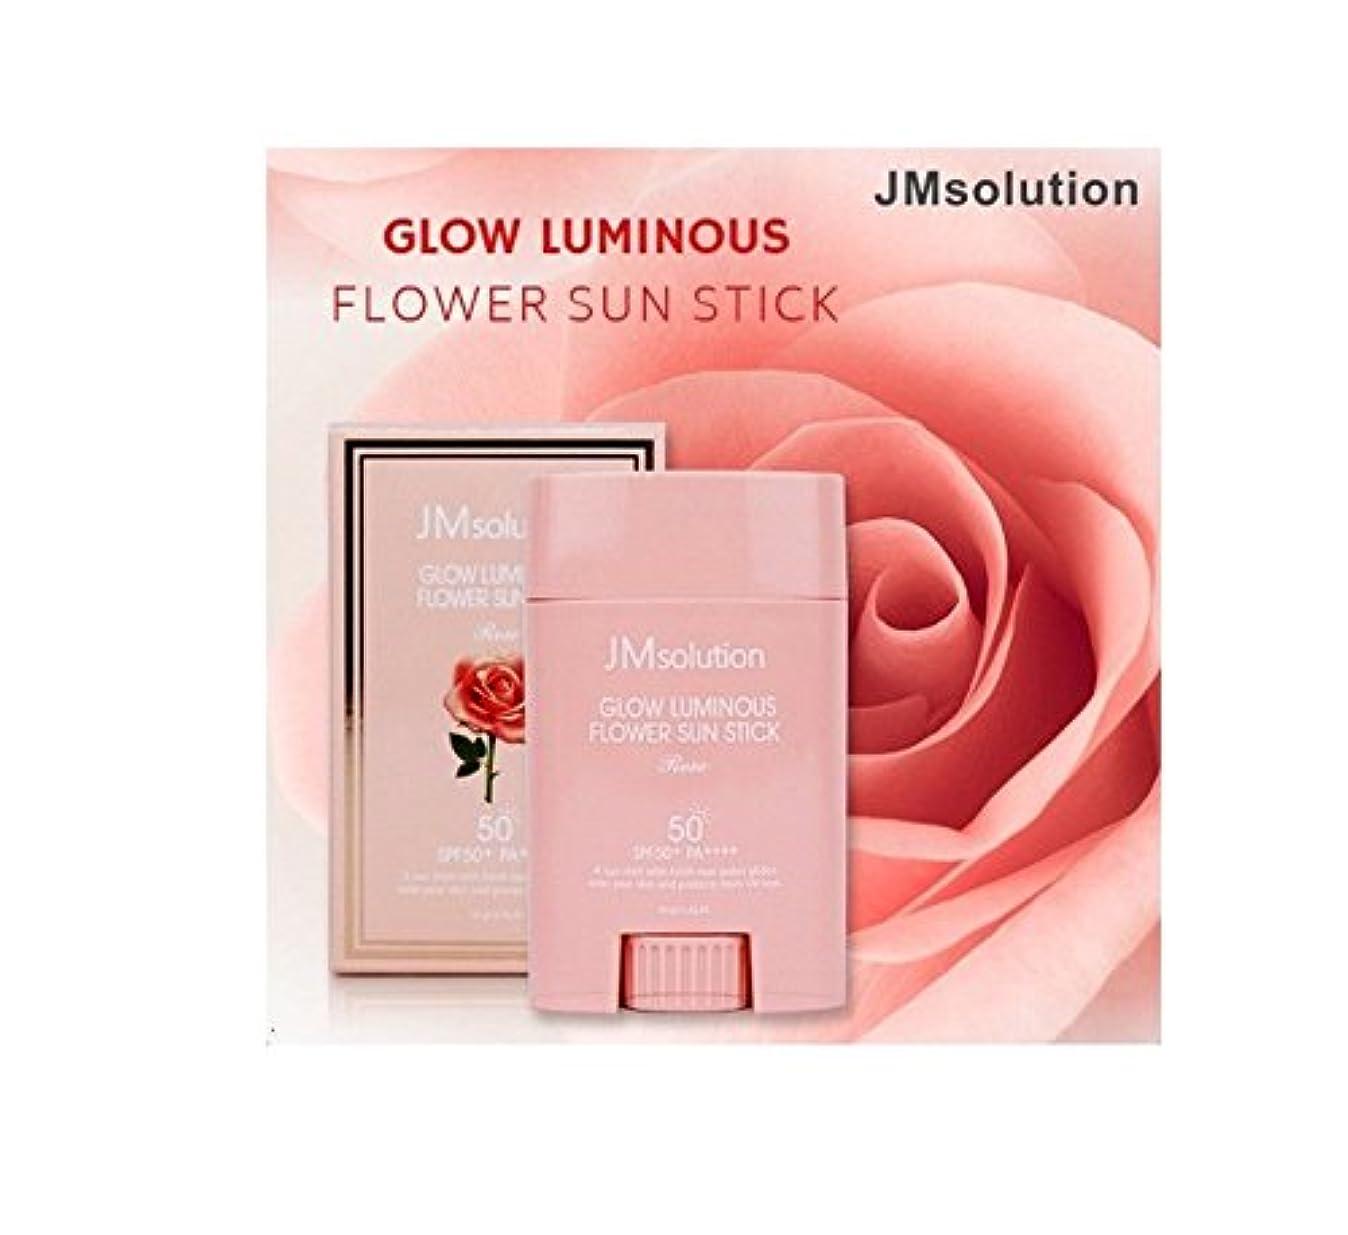 急いでメディア振るJM Solution Glow Luminous Flower Sun Stick Rose 21g (spf50 PA) 光る輝く花Sun Stick Rose